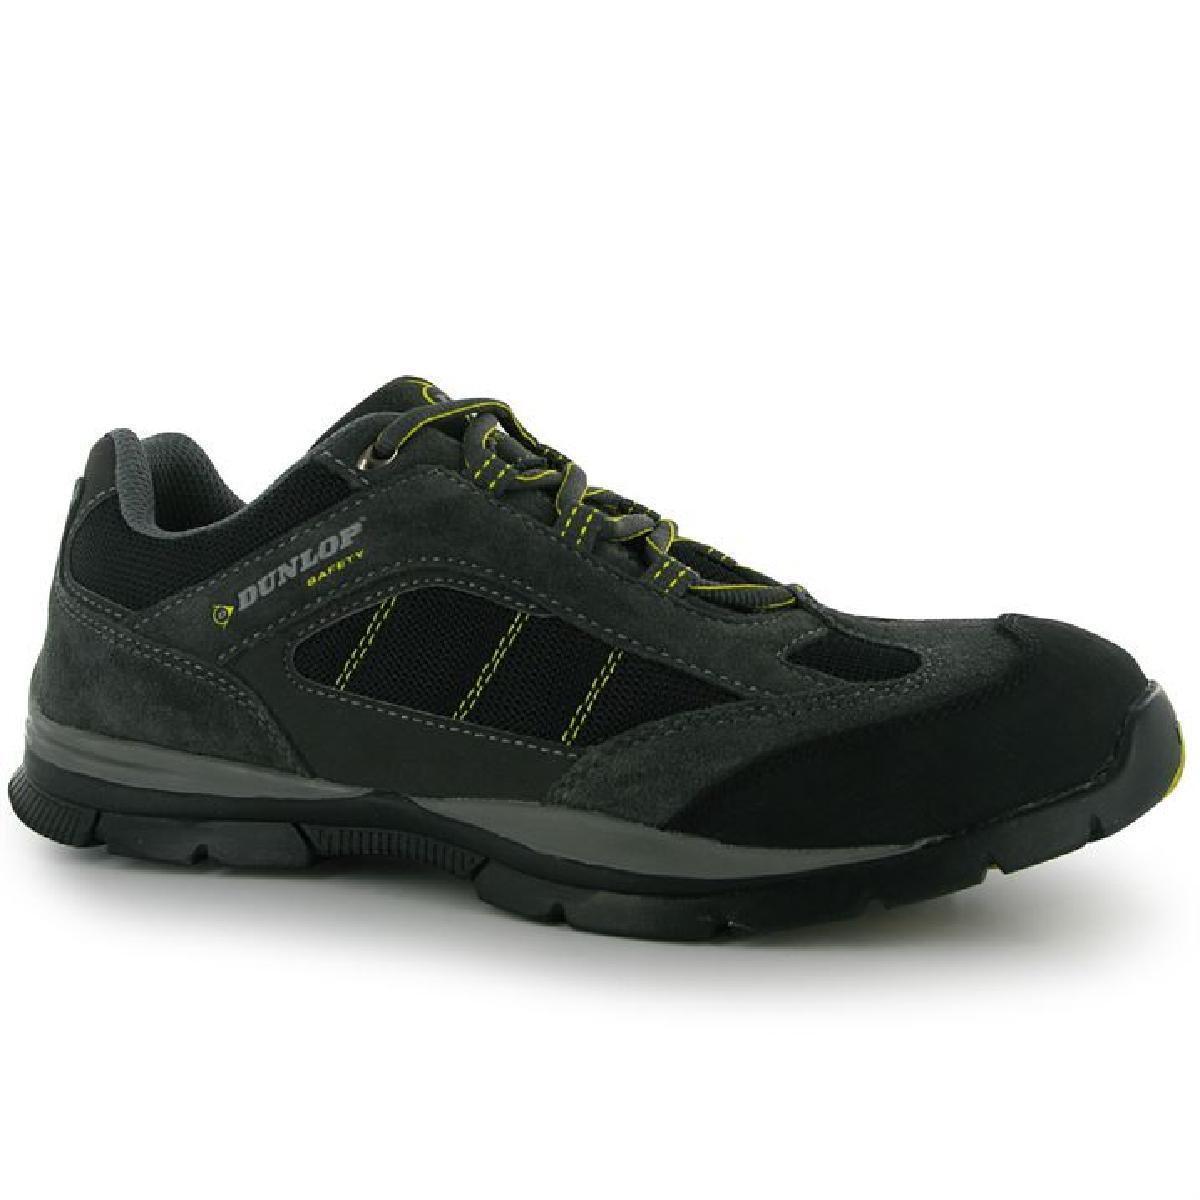 Grandes descuentos nuevos zapatos ADIDAS DURAMO LITIGIO 2.0 NERO-8